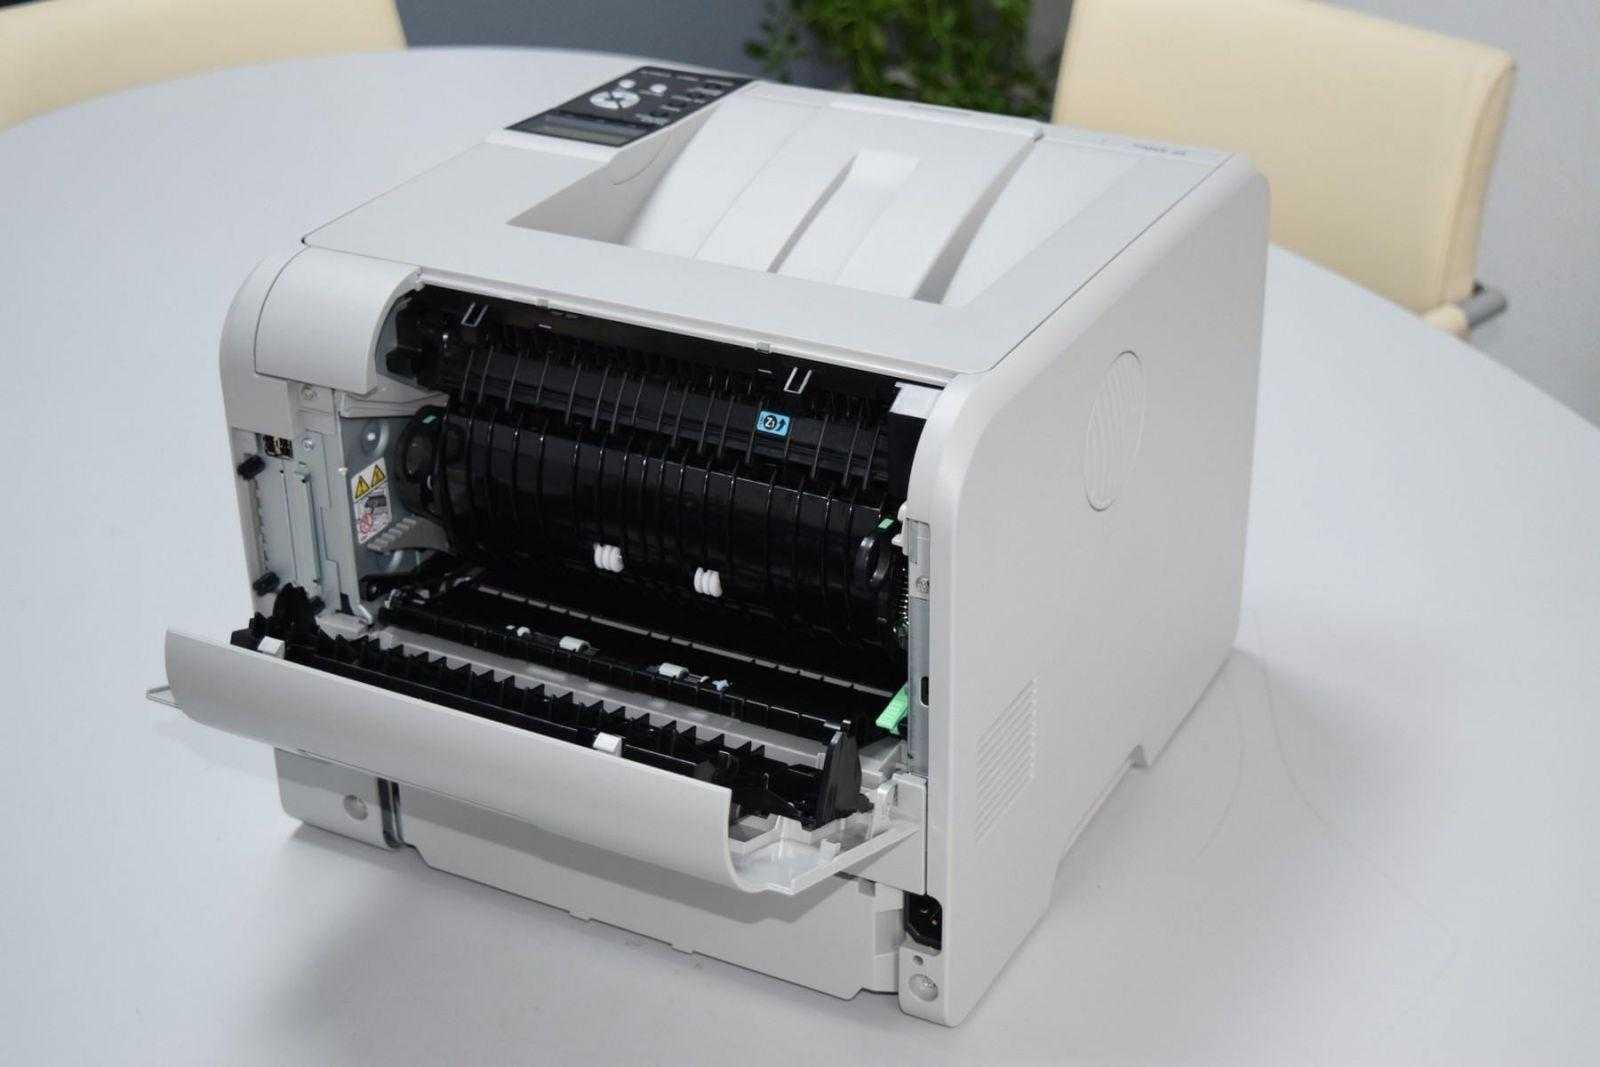 Обзор принтера Ricoh SP 450DN. Быстрая печать для офиса (DSC 0759)